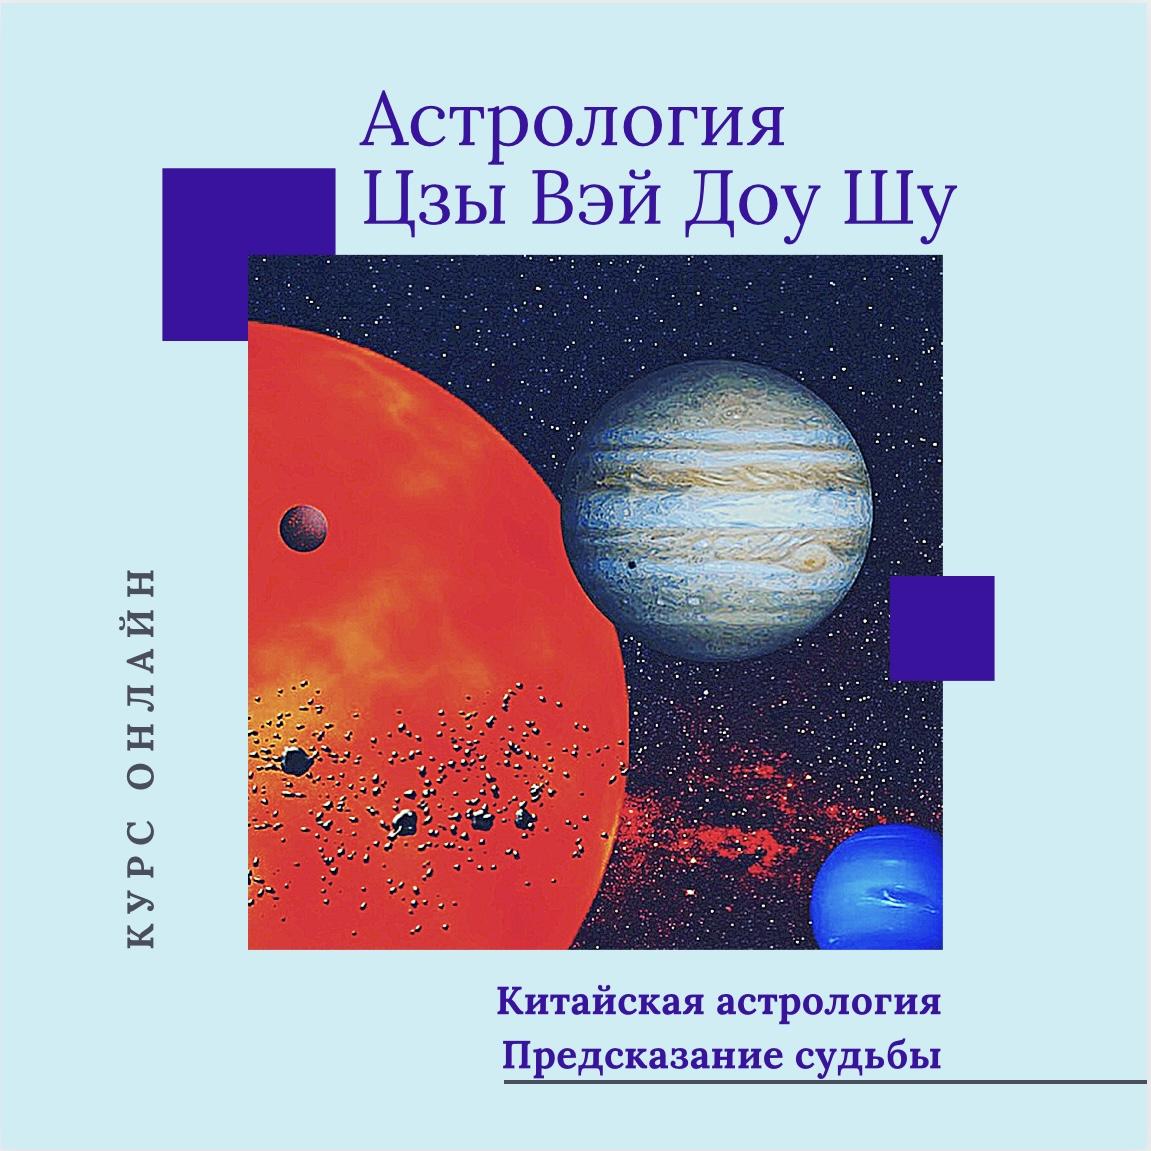 Астрология Цзы Вэй Доу Шу - Fengshuimaster.Ru